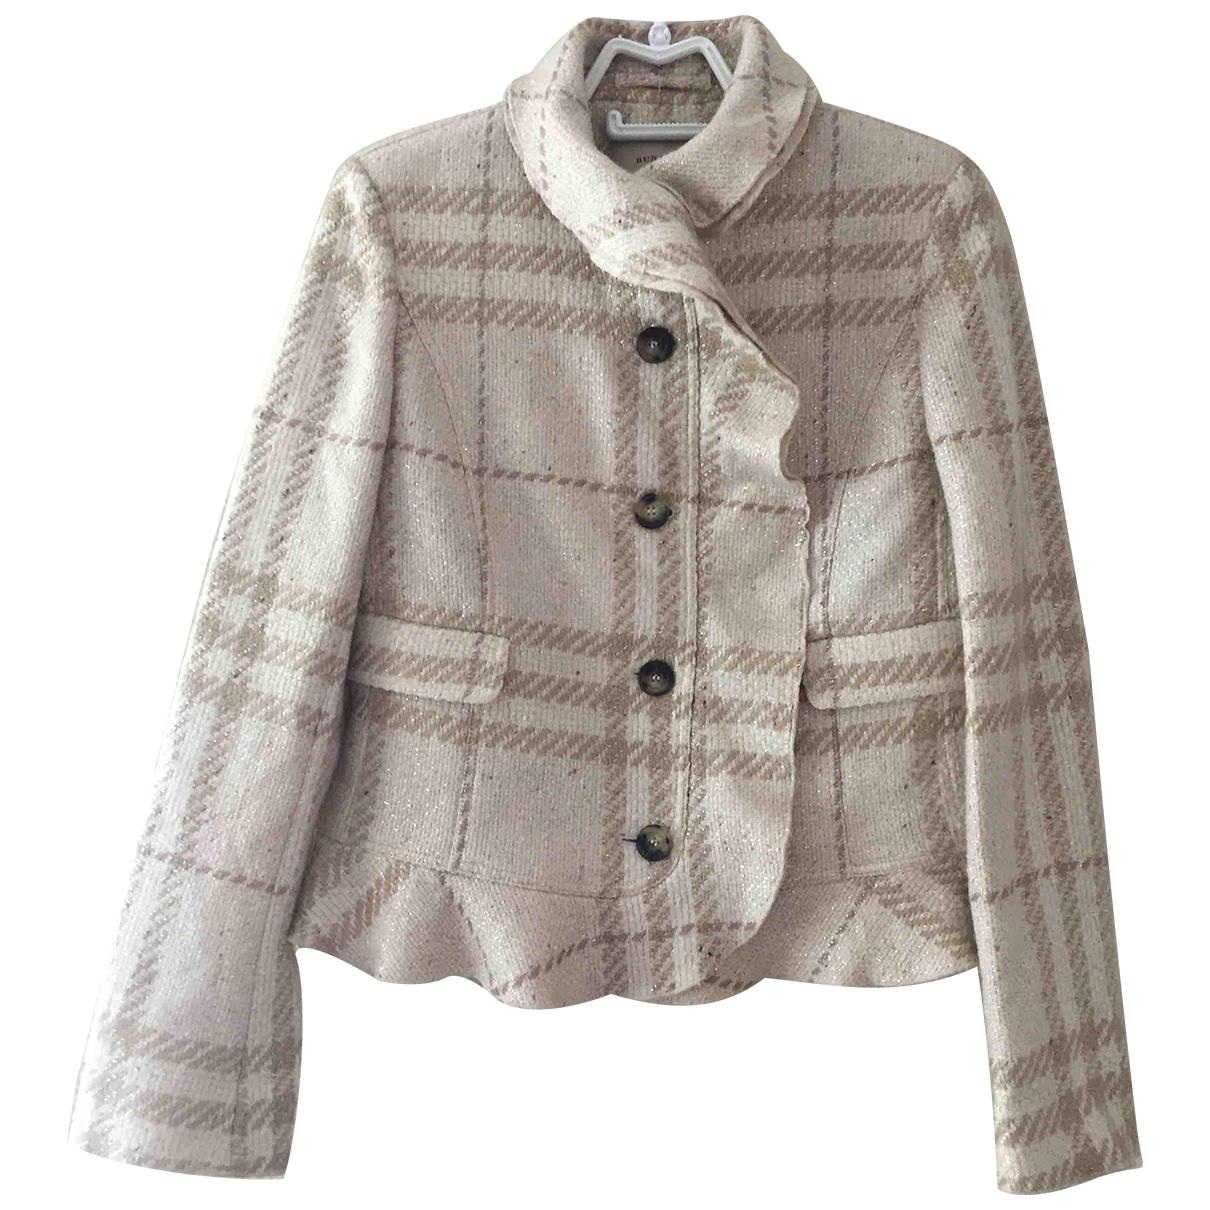 Burberry \N Beige Wool jacket for Women 8 UK